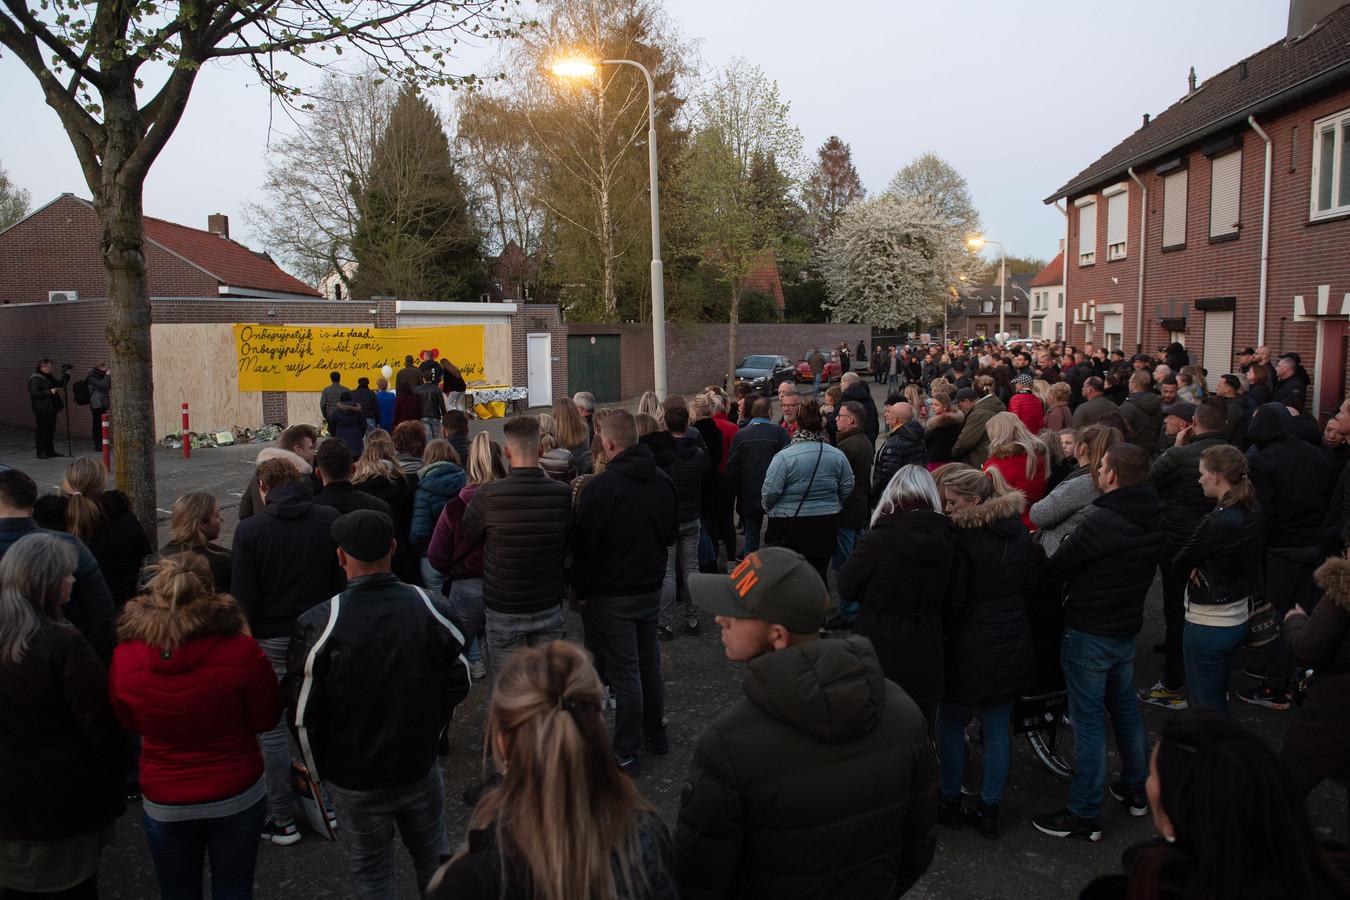 De herdenking van de moord op Ger van Zundert uit Breda trok massale belangstelling.